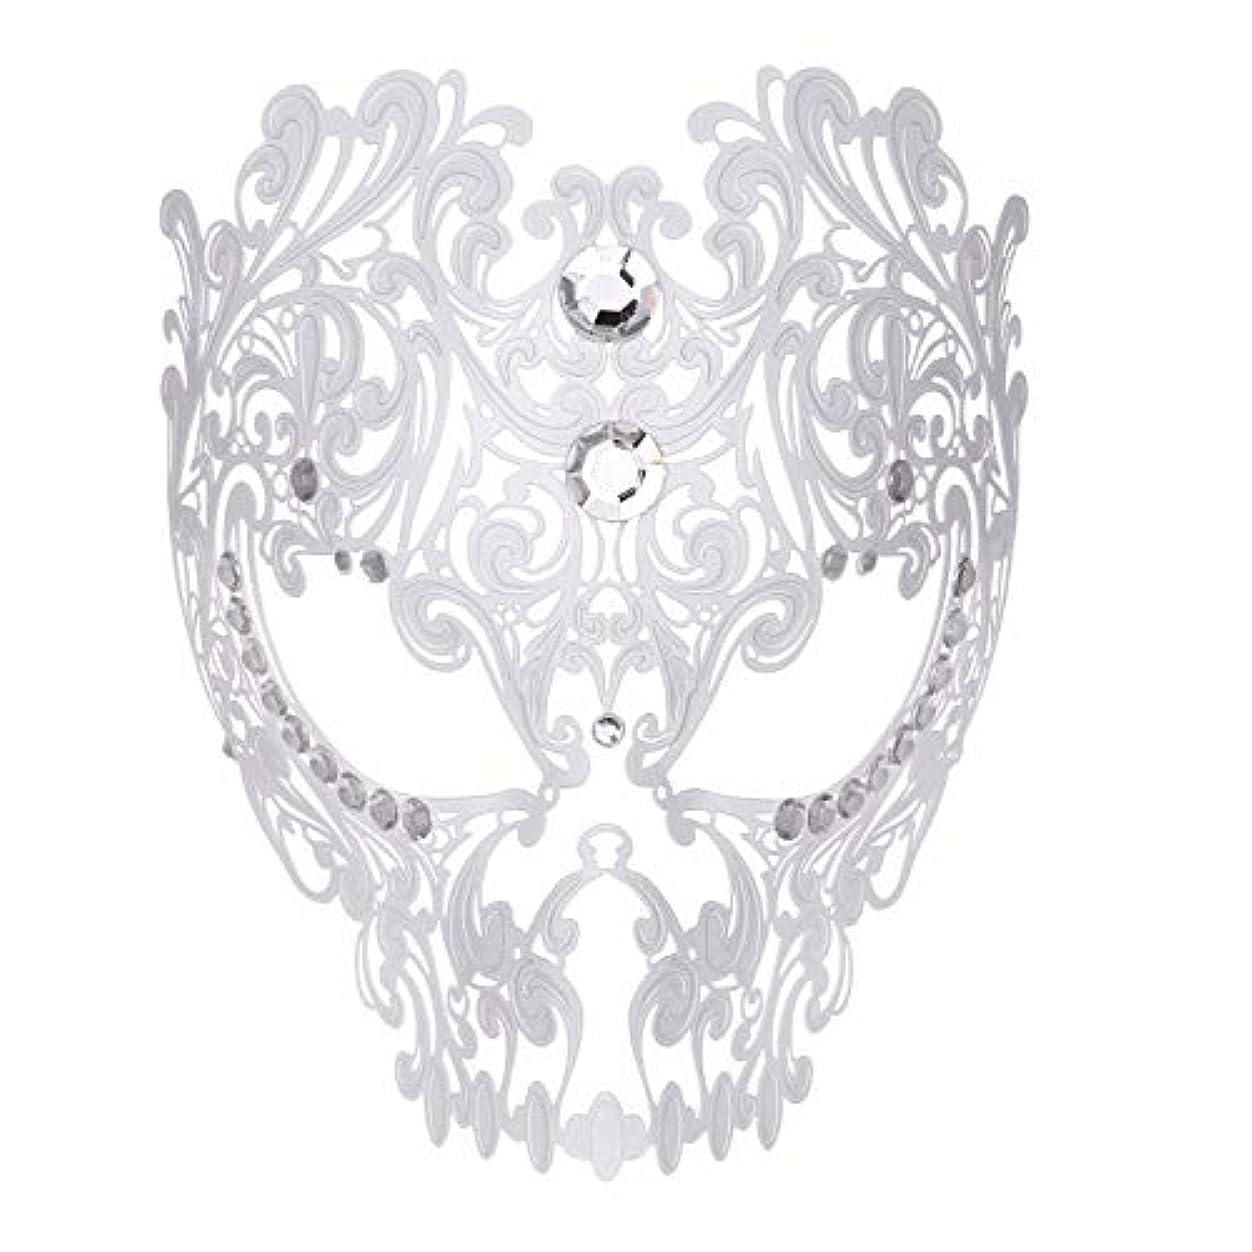 比べる一蛾ダンスマスク フルフェイスエナメル金属象眼細工中空マスクナイトクラブパーティーロールプレイングマスカレードマスク ホリデーパーティー用品 (色 : 白, サイズ : Universal)